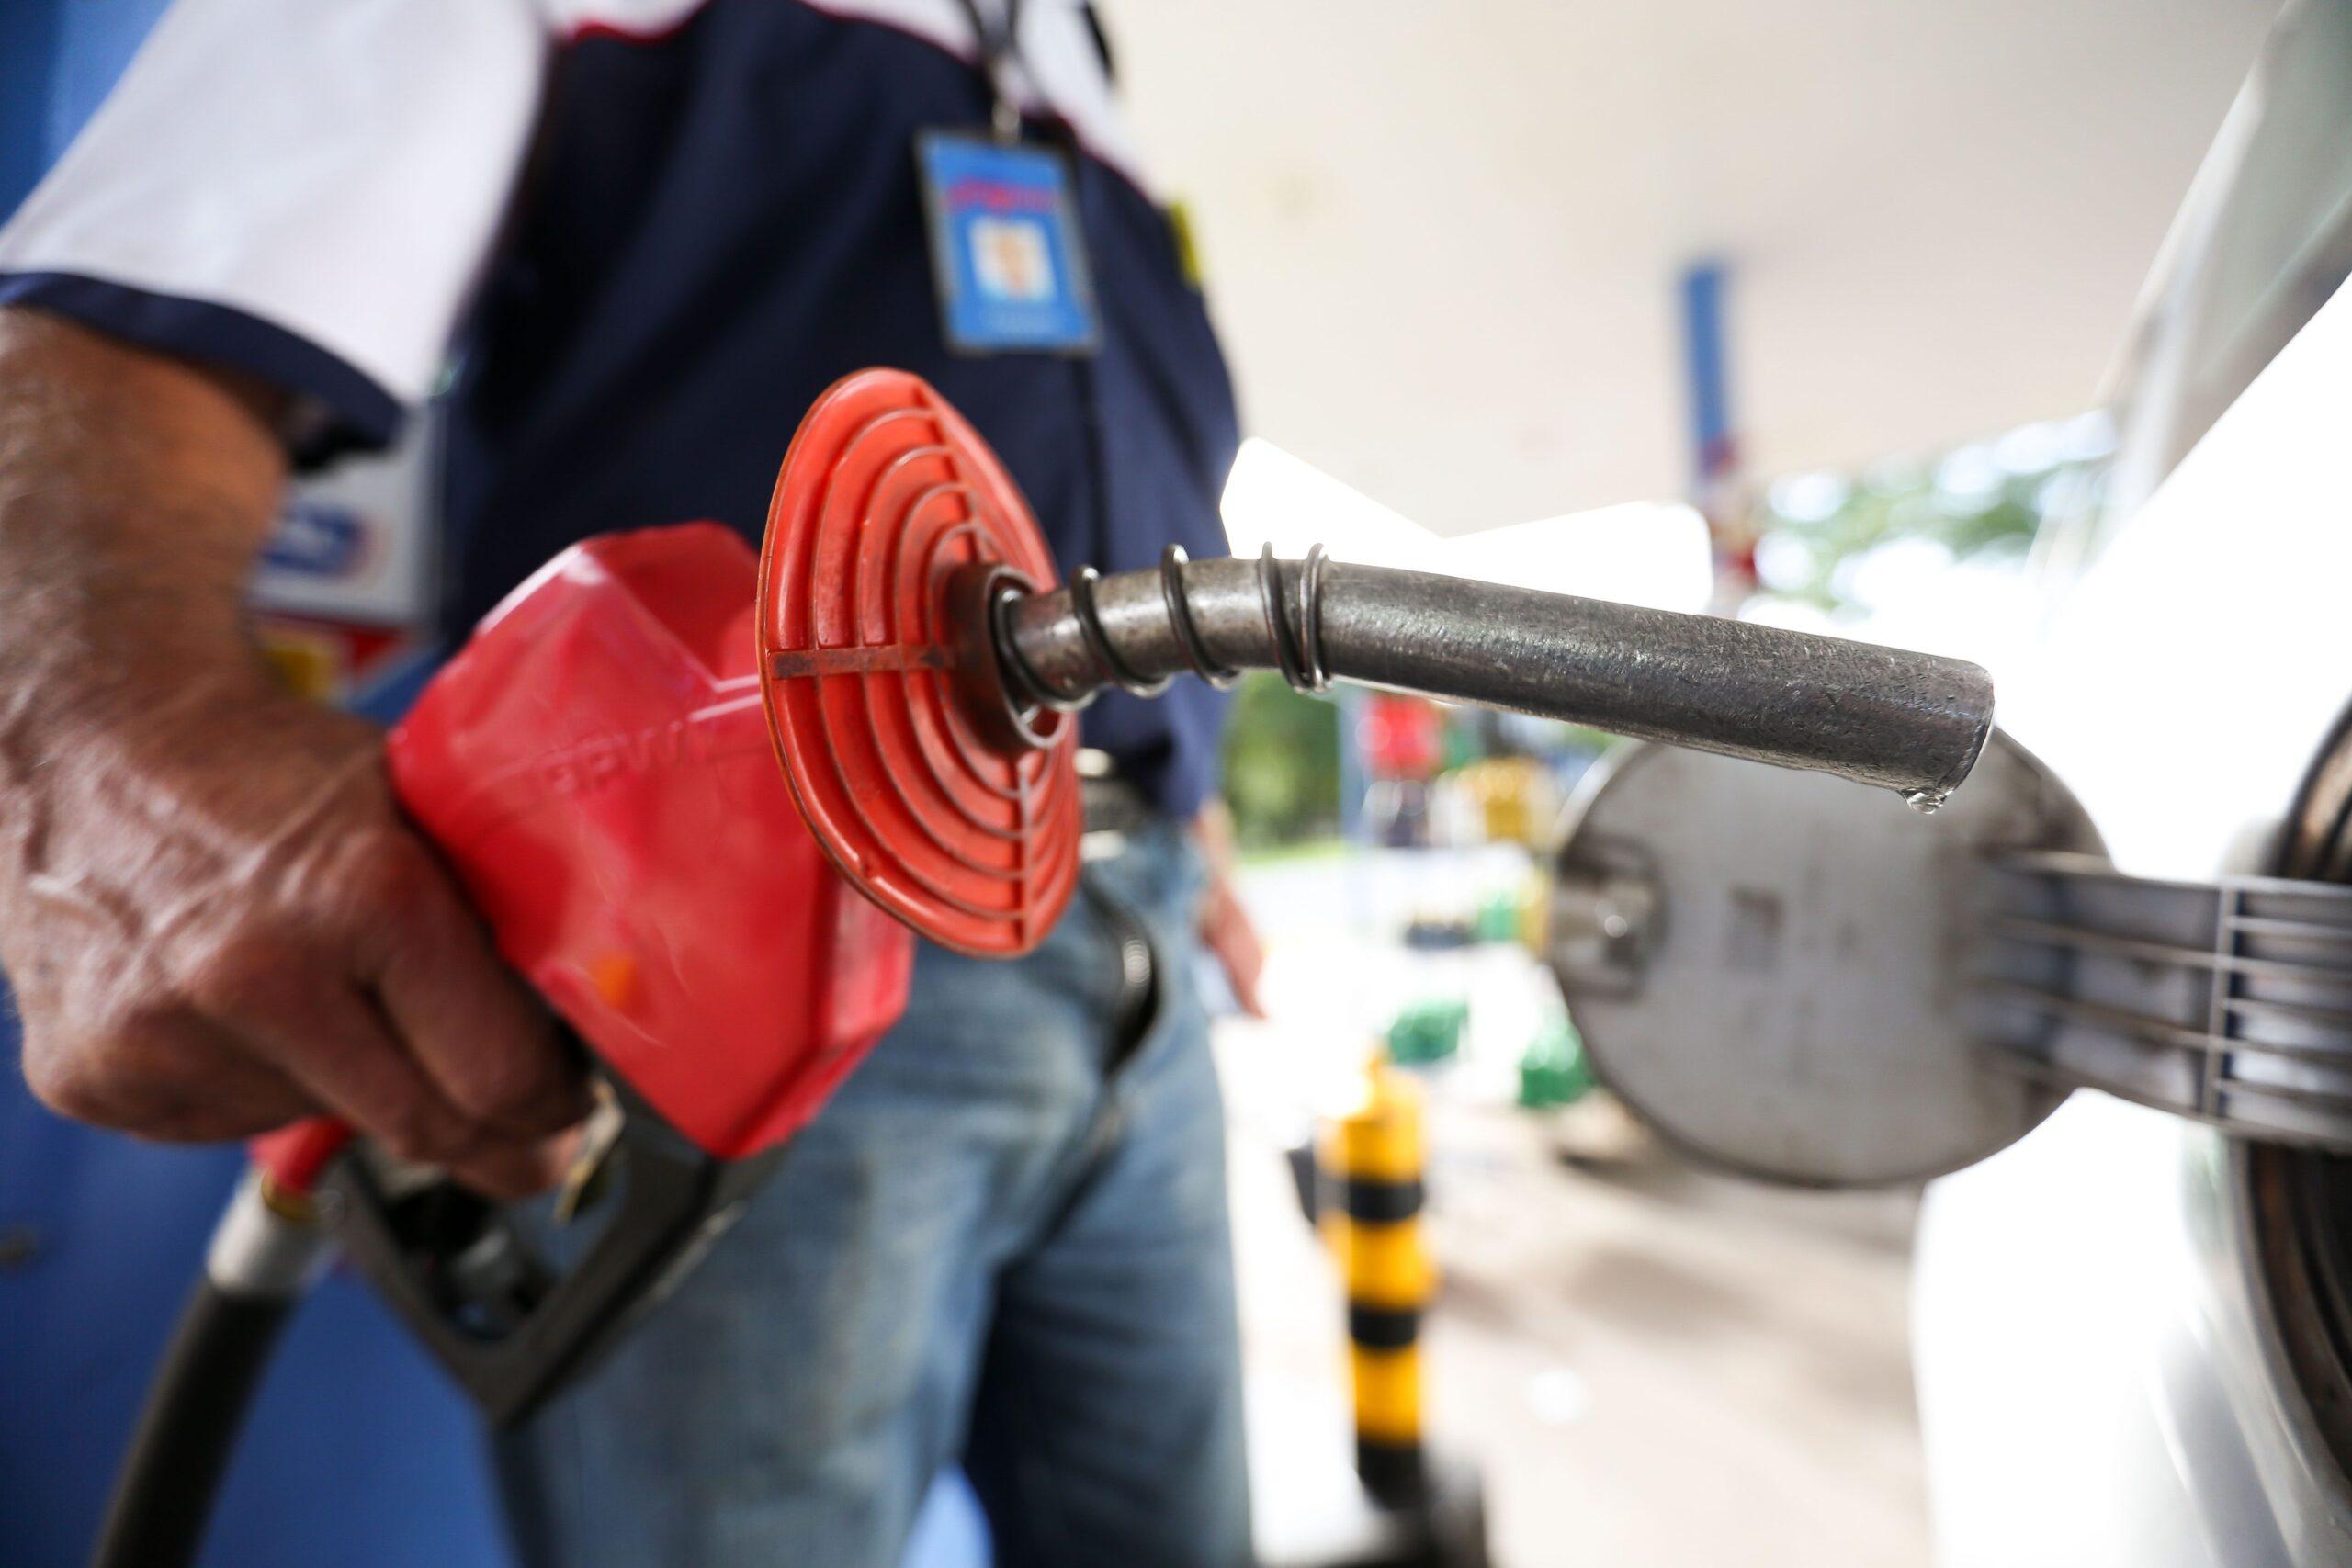 O fim da era da gasolina, no Brasil, ainda está longe de chegar